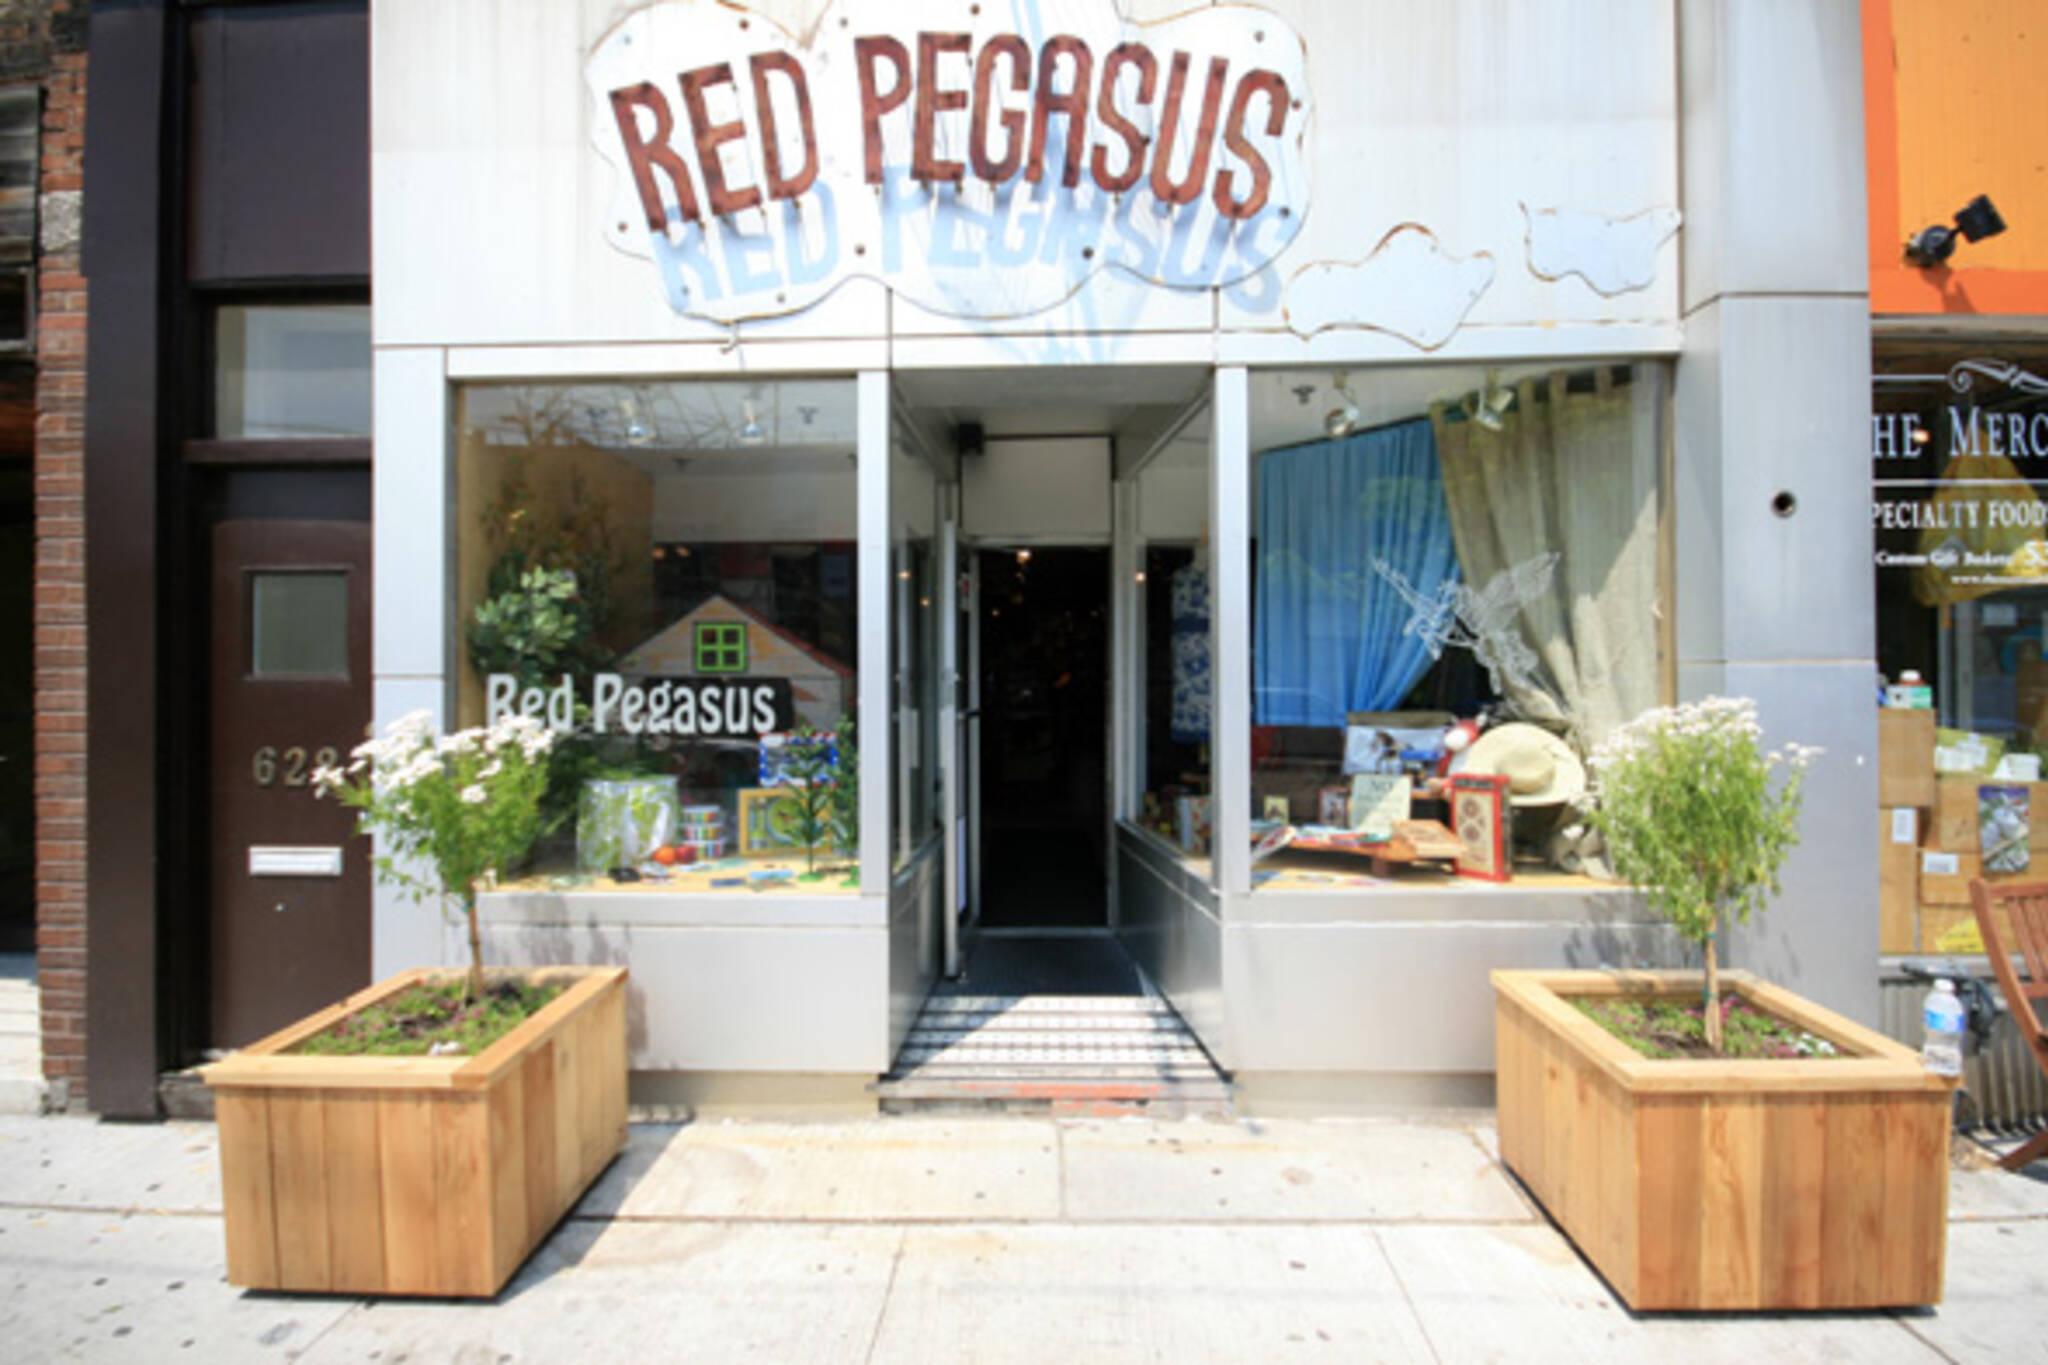 Red Pegasus